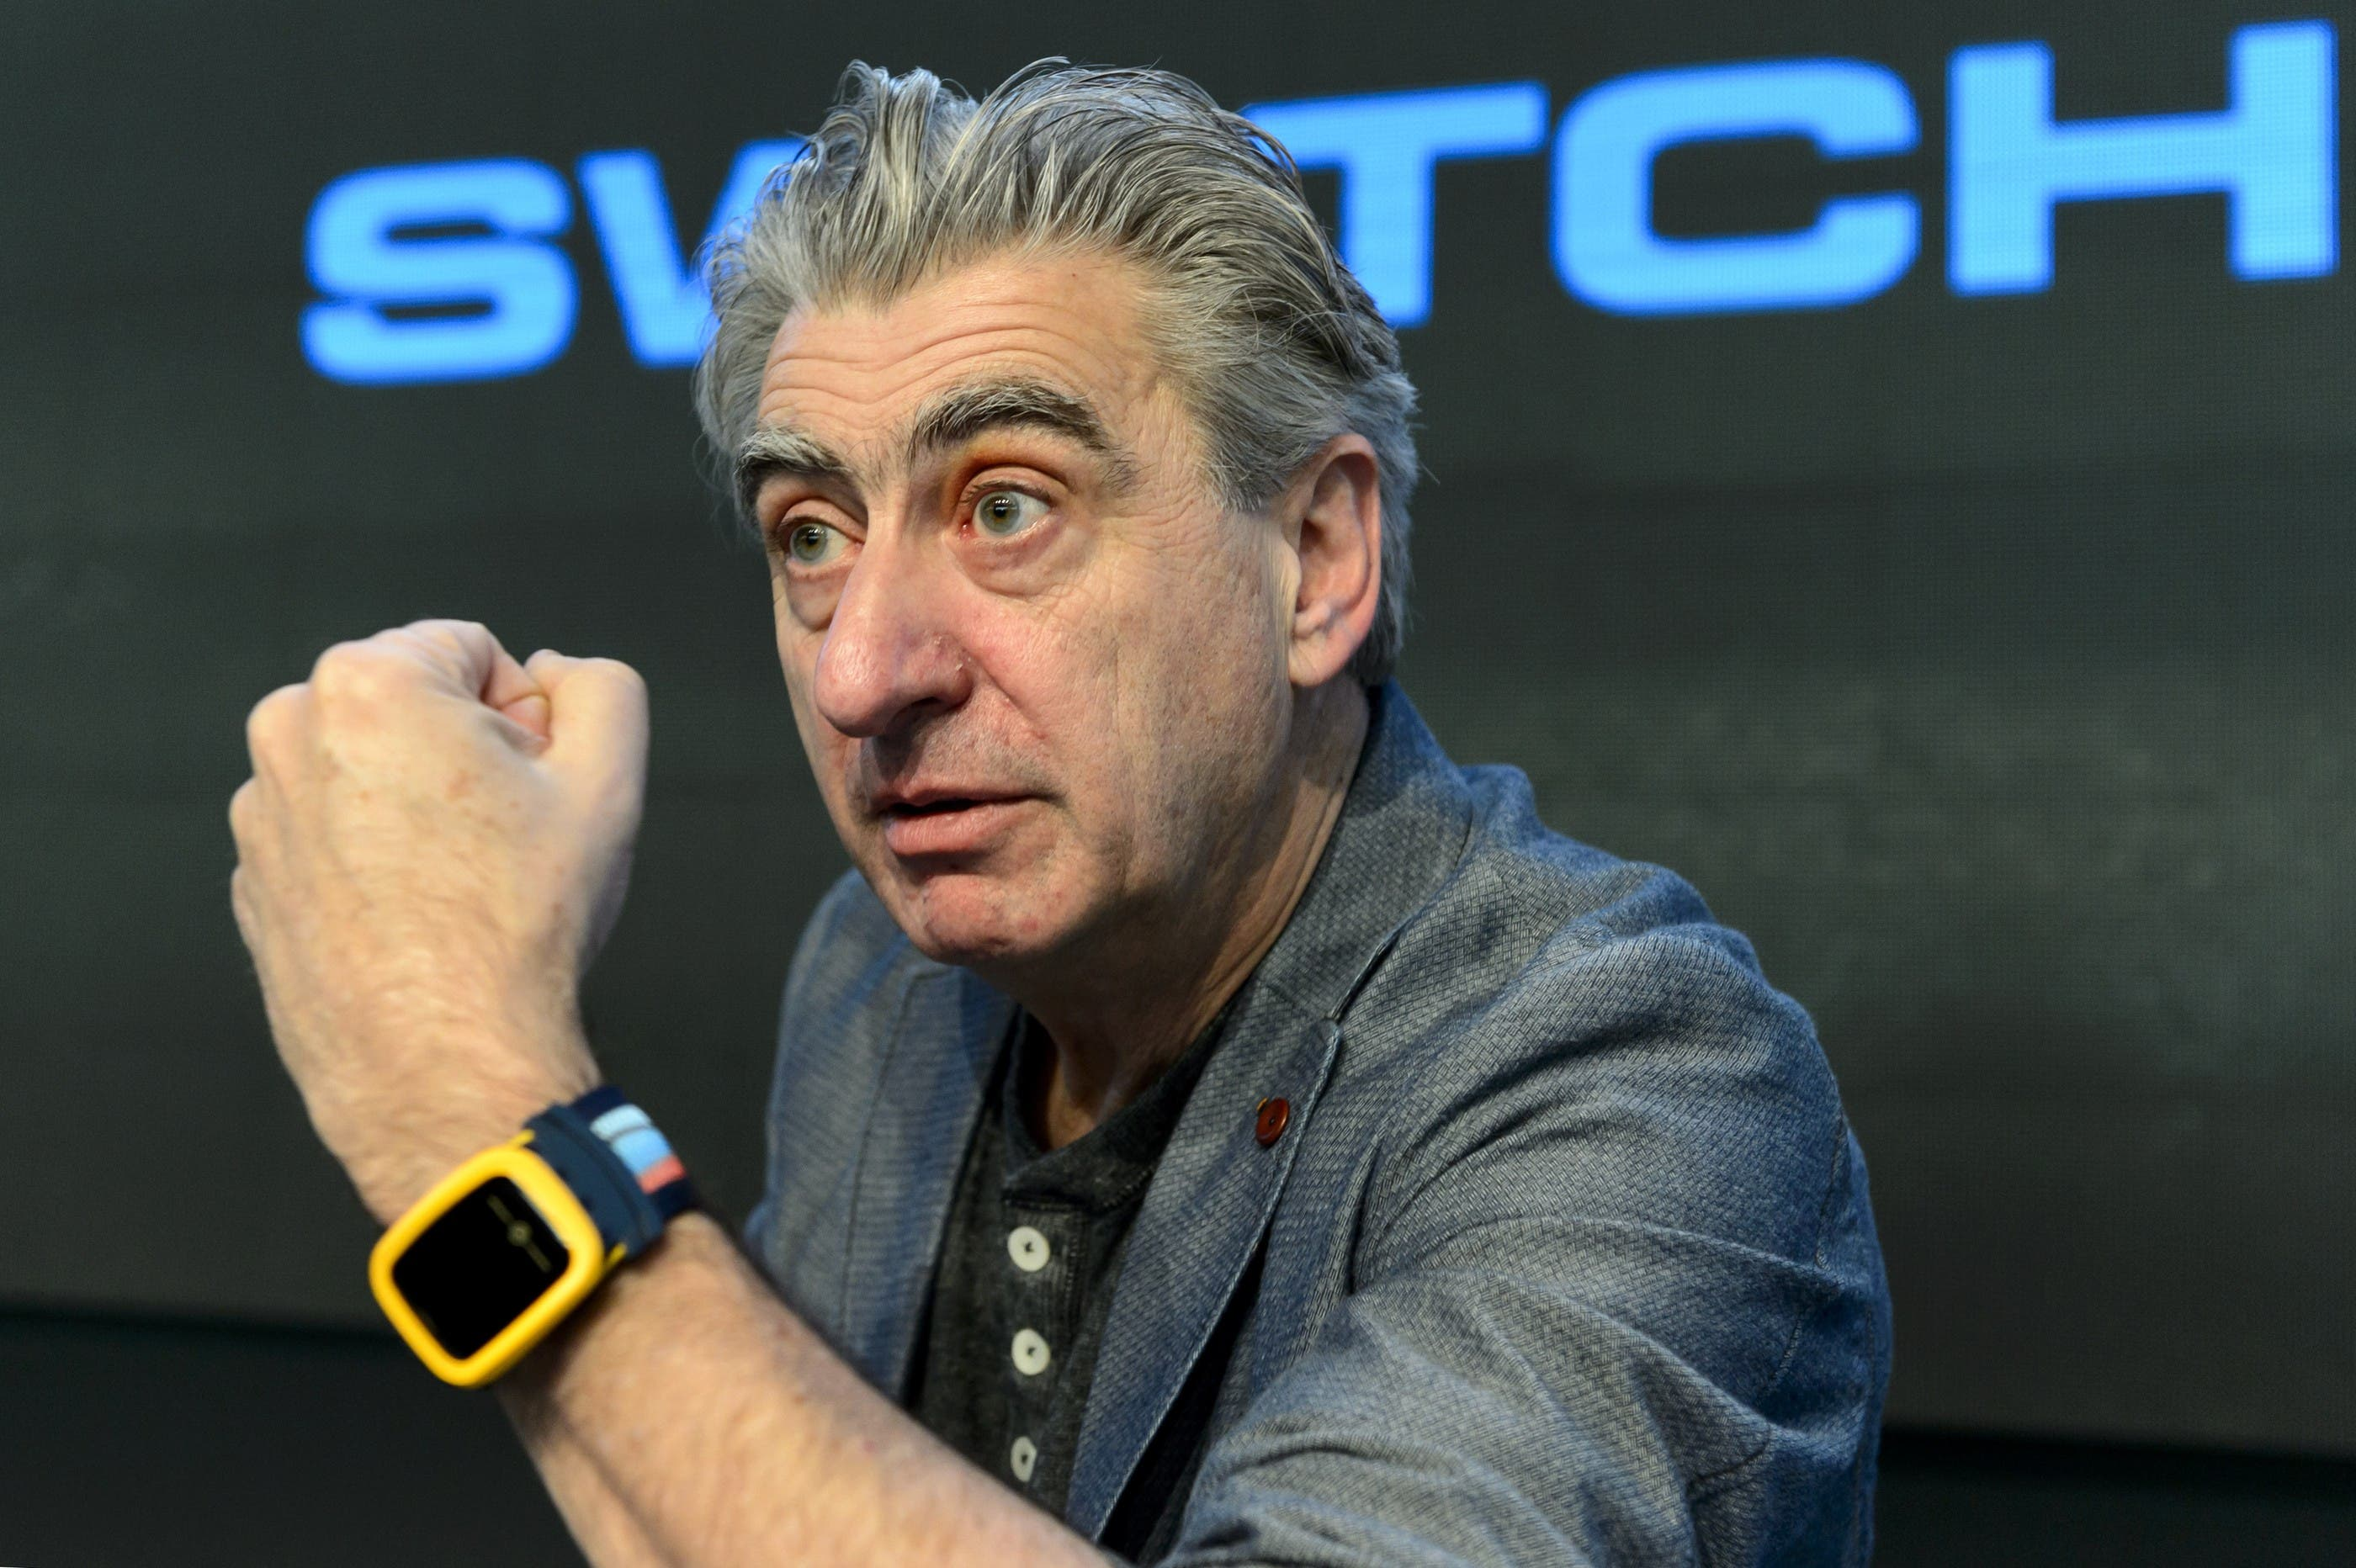 Nick Hayek zeigt sich an der Jahresbilanz-Konferenz stolz mit der neuen Swatch-Uhr.